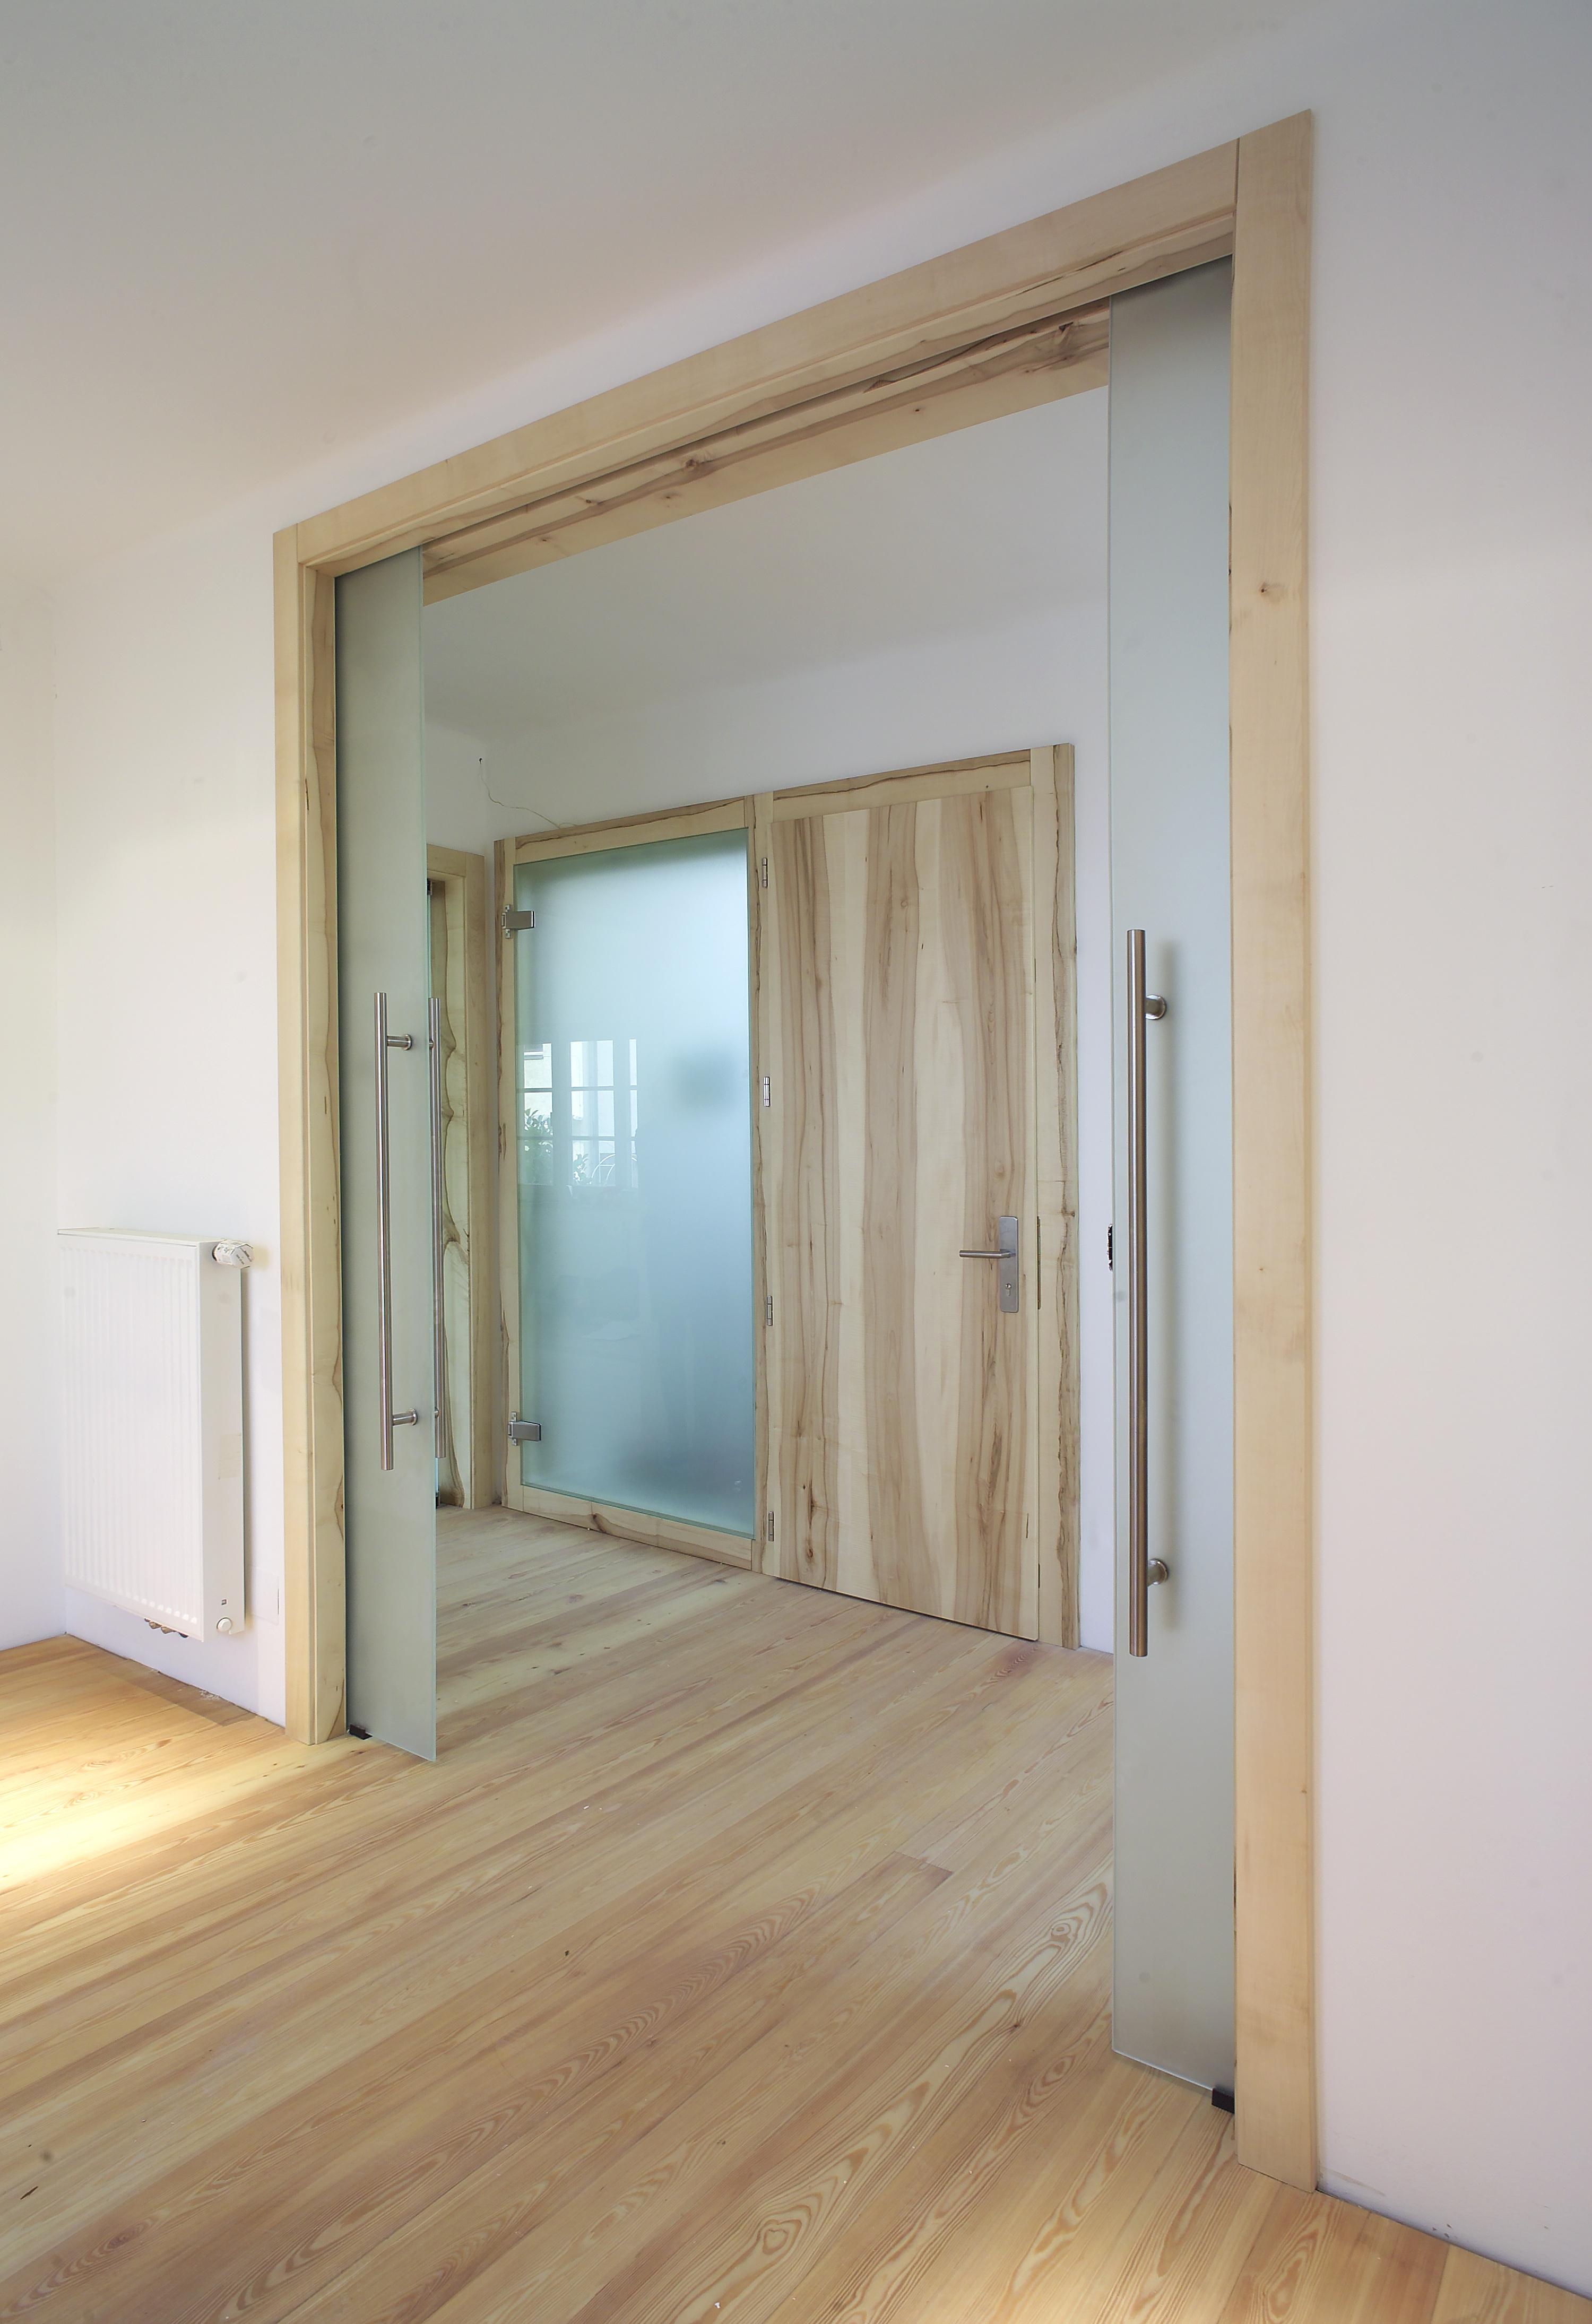 Ein Haus mit wilden Türen